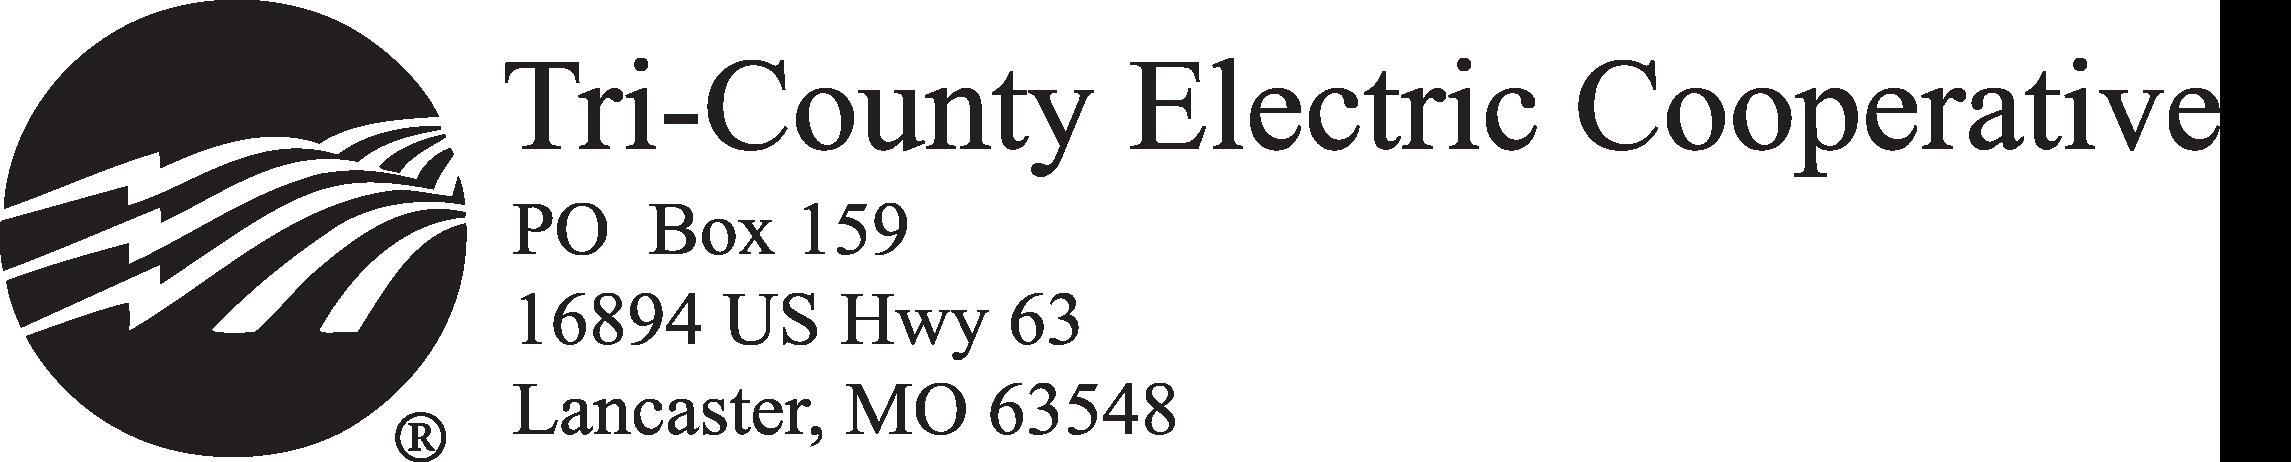 TriCounty Electric